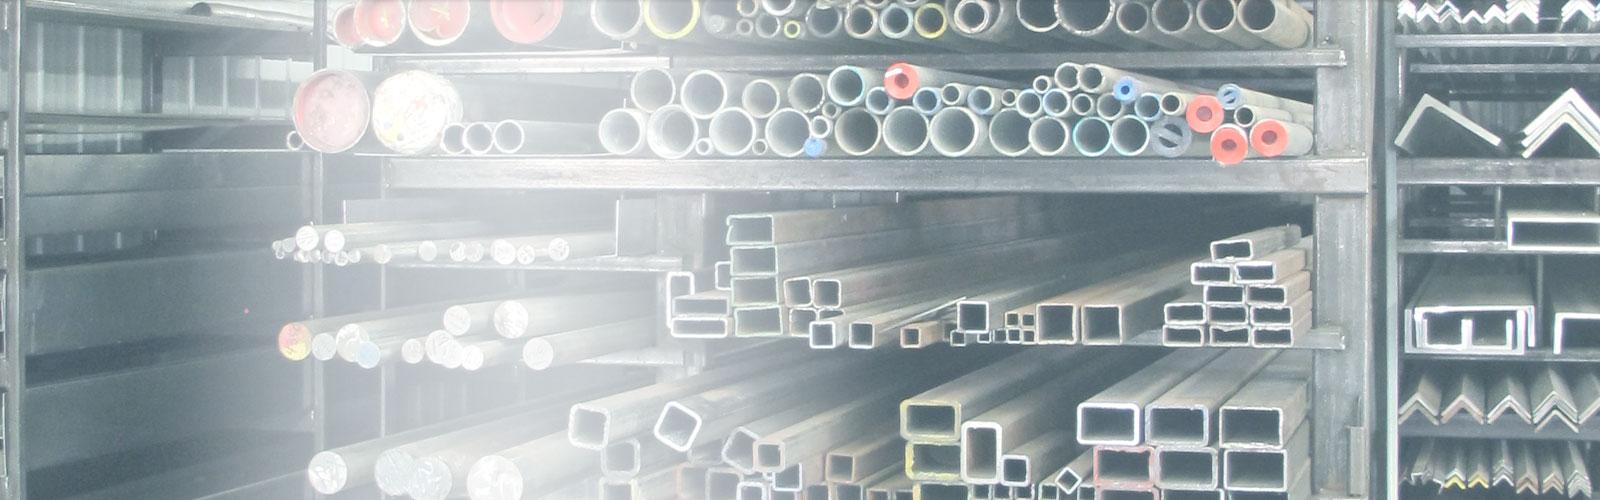 Professionels du travail des métaux